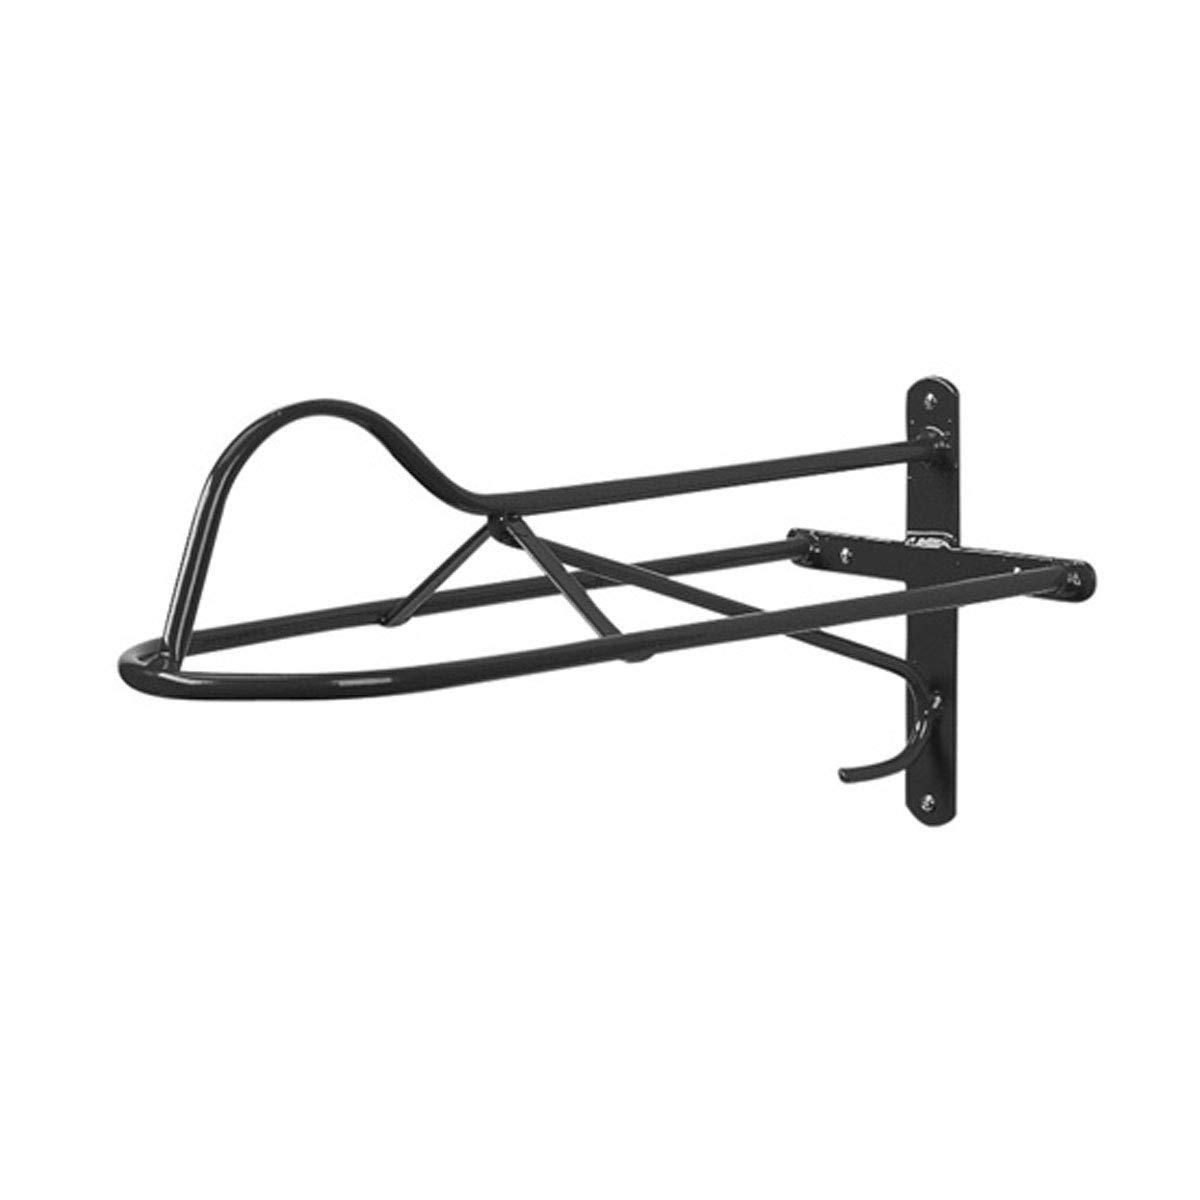 Stubbs Forward Seat Saddle Rack (One Size) (Black) by Stubbs